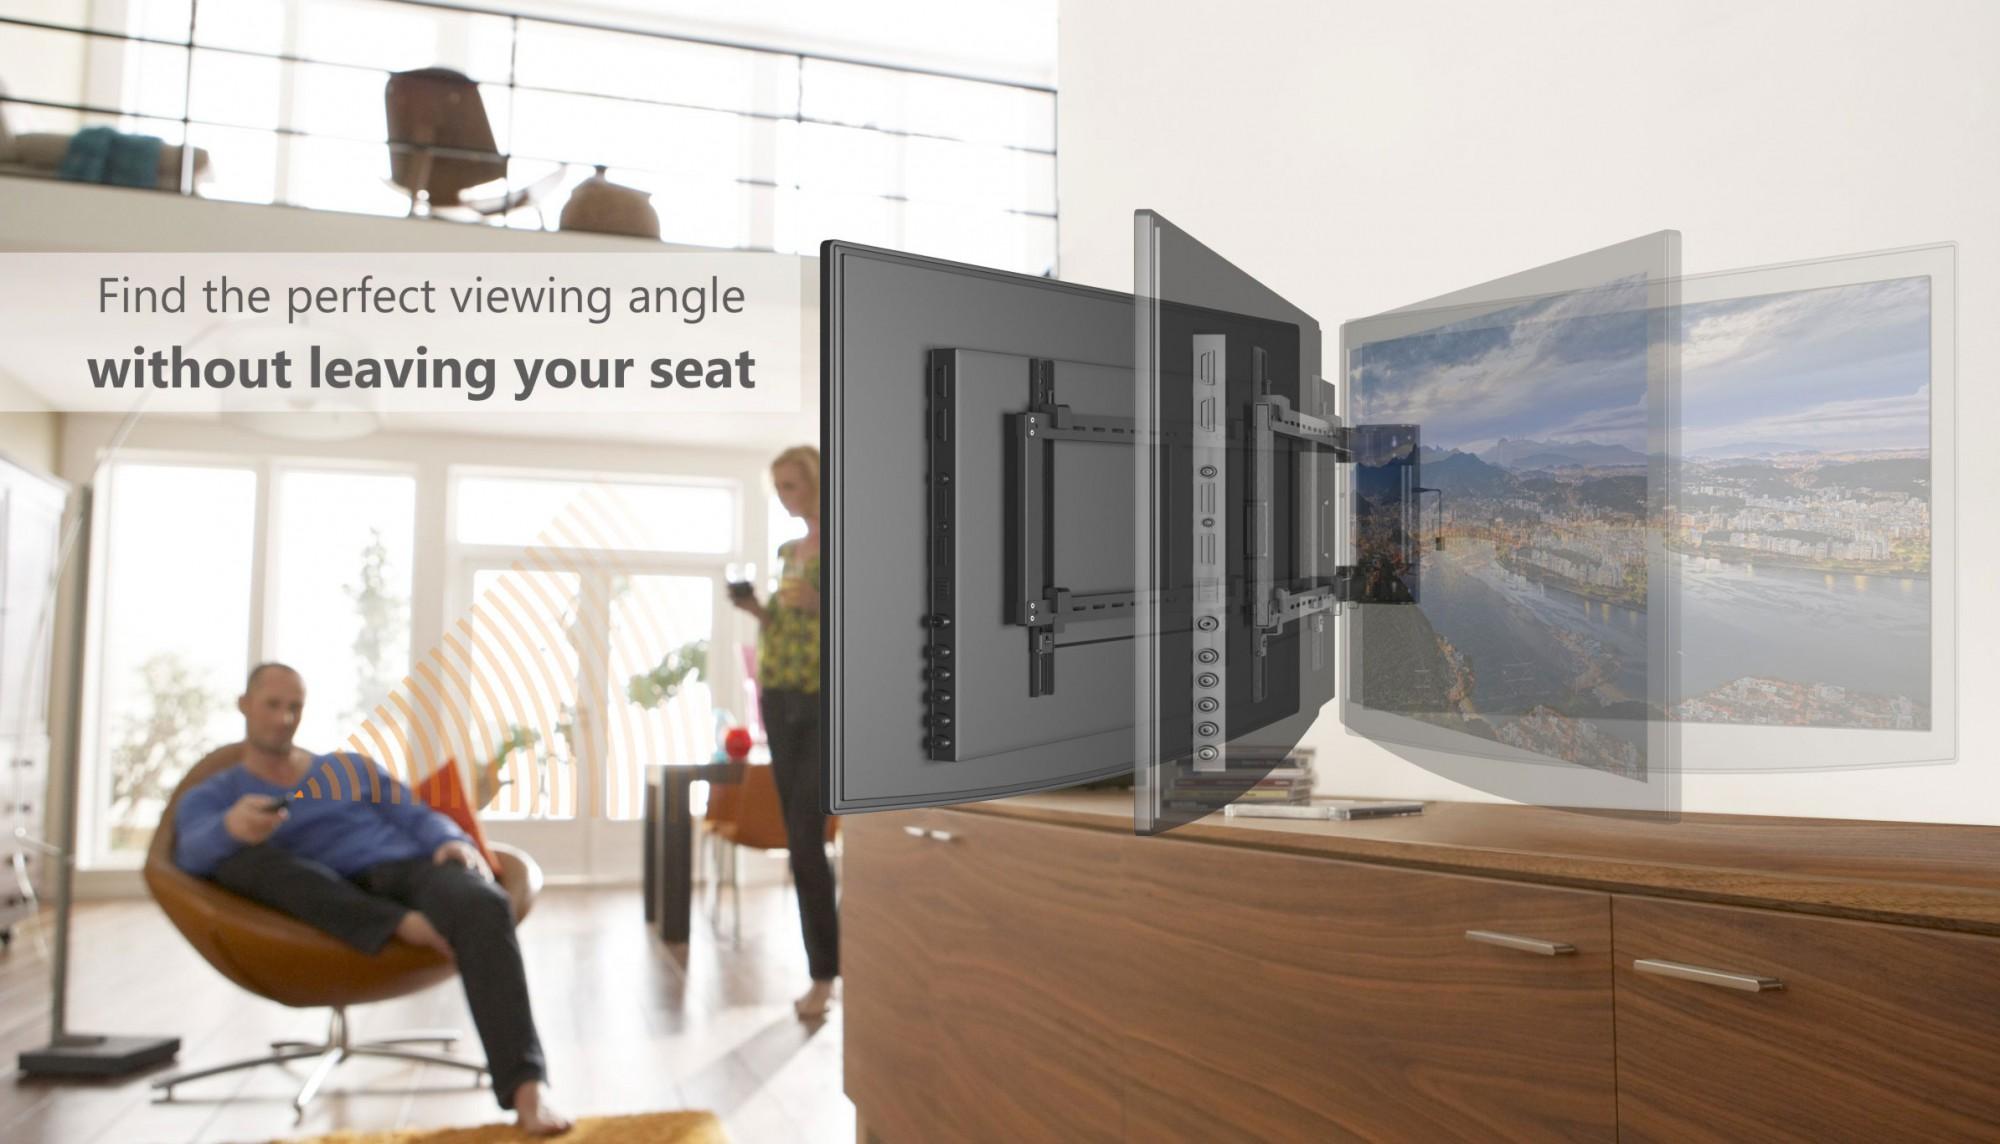 elektrische tv wandhalterung monitor ca30 65 se2544 - Motorisierte Tvhalterung Unter Dem Bett